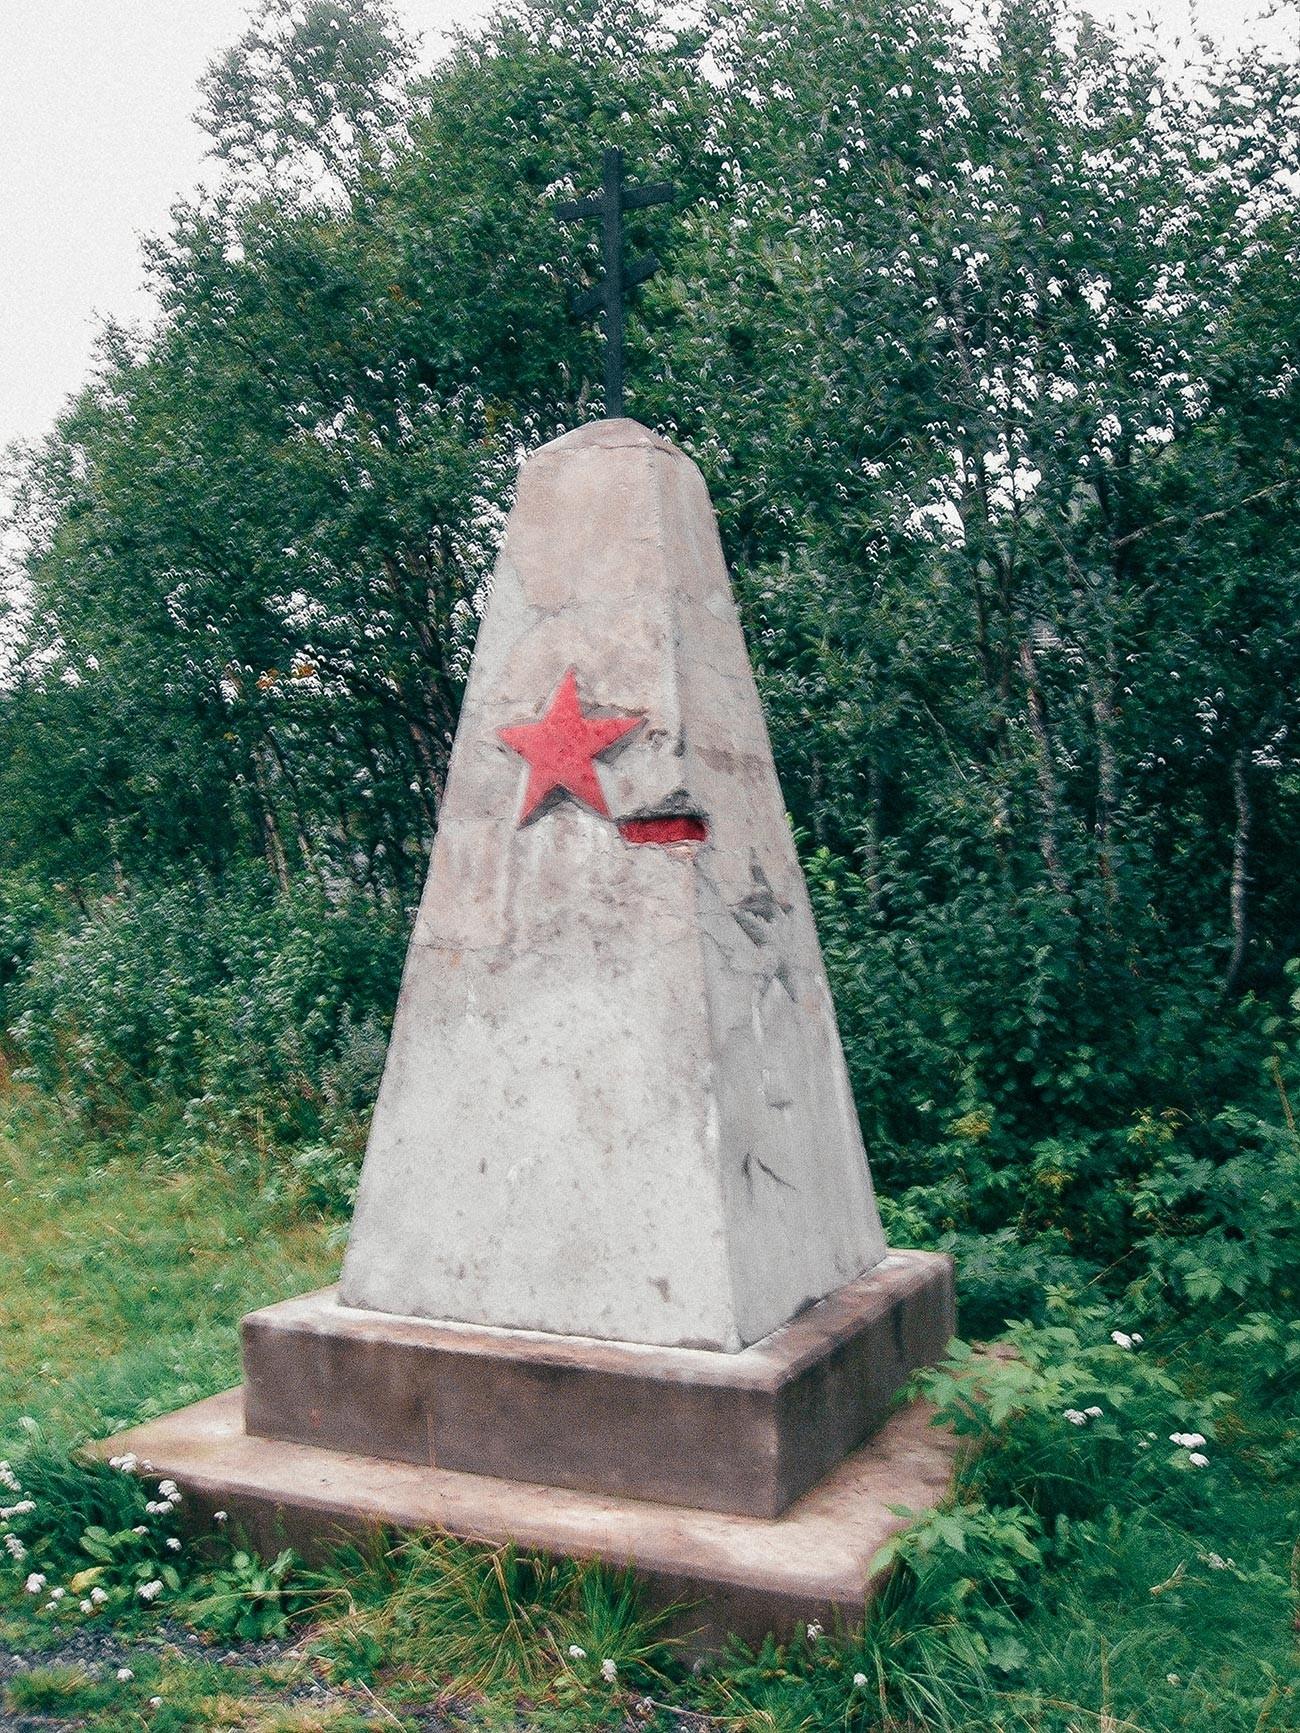 """Lapide commemorativa dei circa 5.000 prigionieri sovietici che costruirono la linea di Rana del Nordlandsbanen (""""Ferrovia del Nordland"""")"""